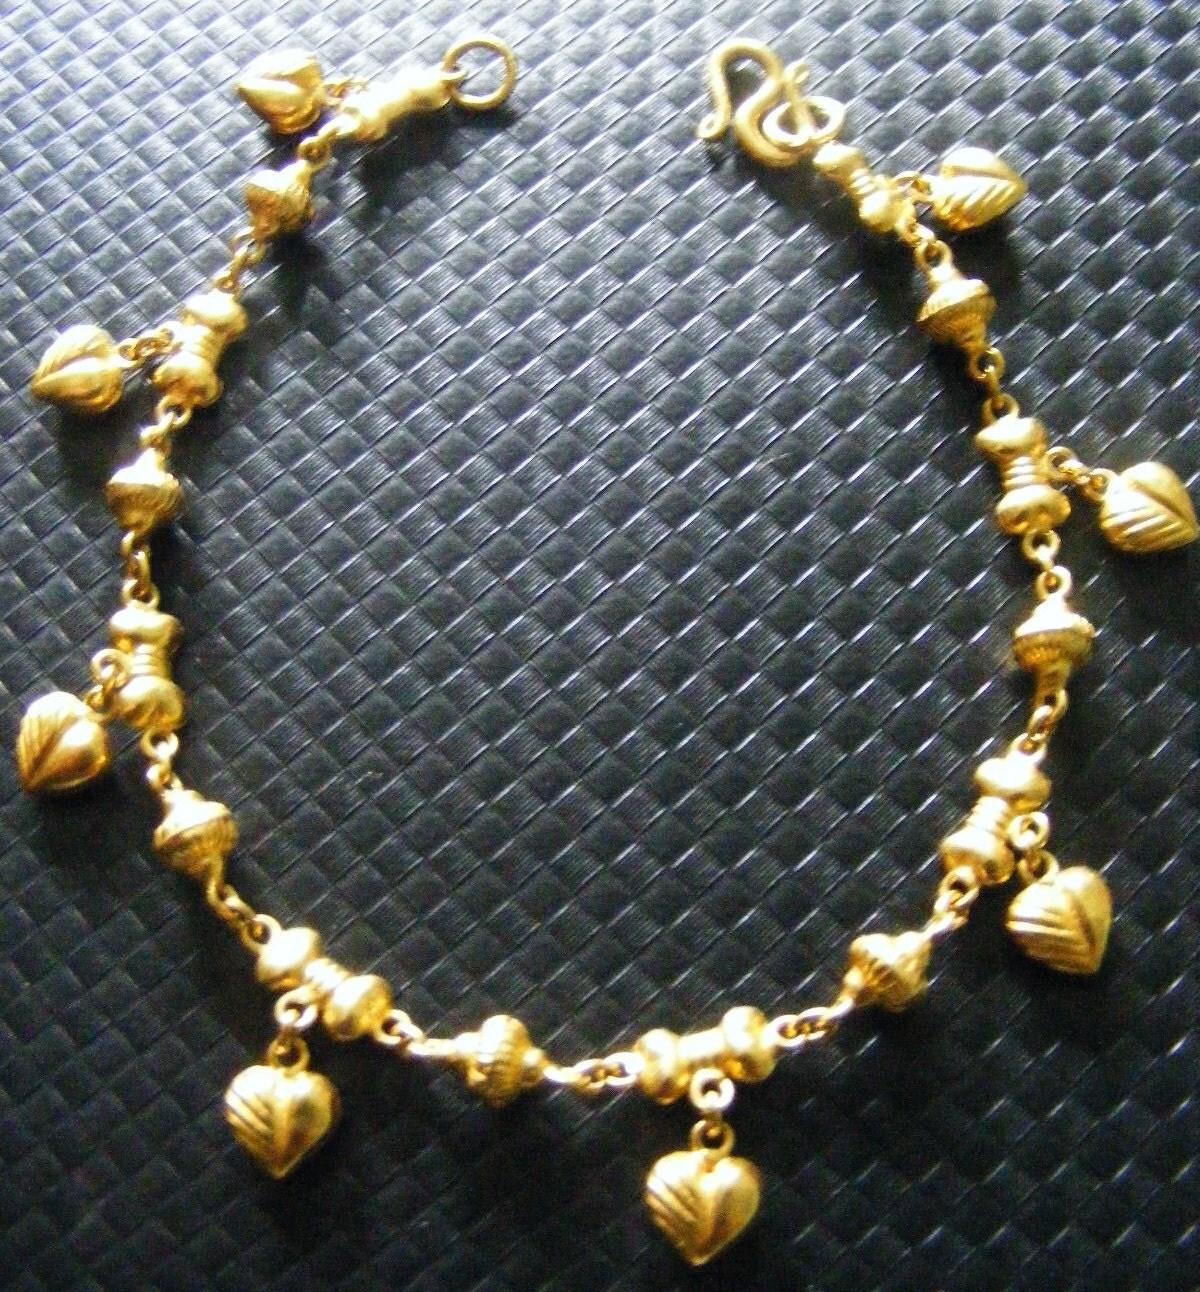 24K Solid Gold Heart Charm Bracelet 24 Karat 999 Pure Gold